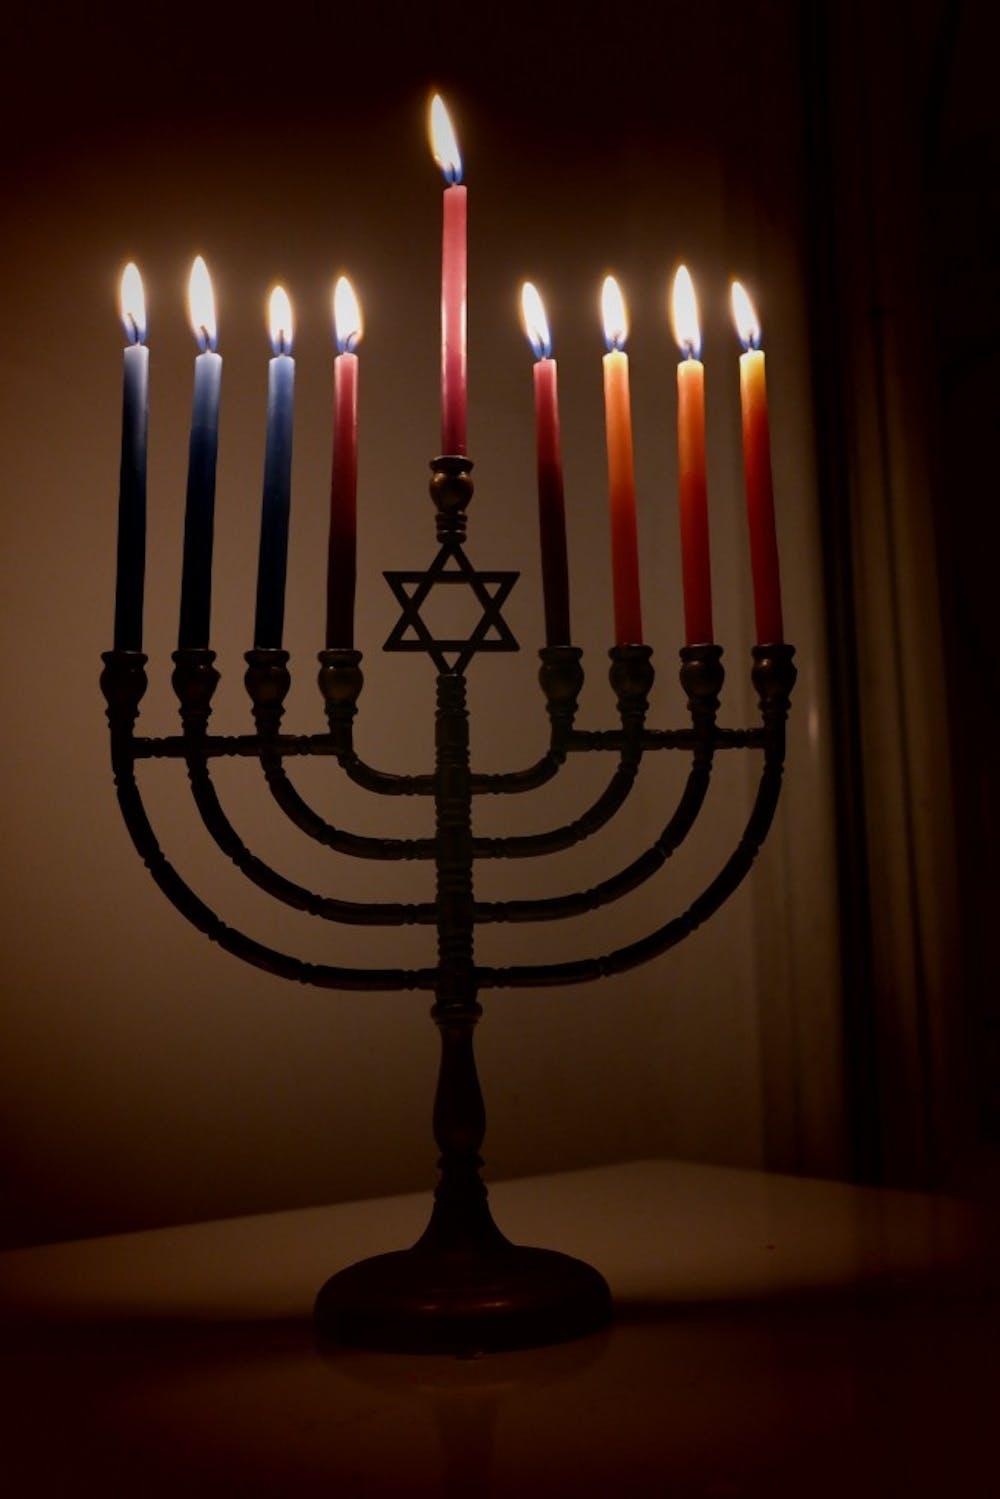 lit-hanukkiyah-eight-and-last-night-of-hanukkah